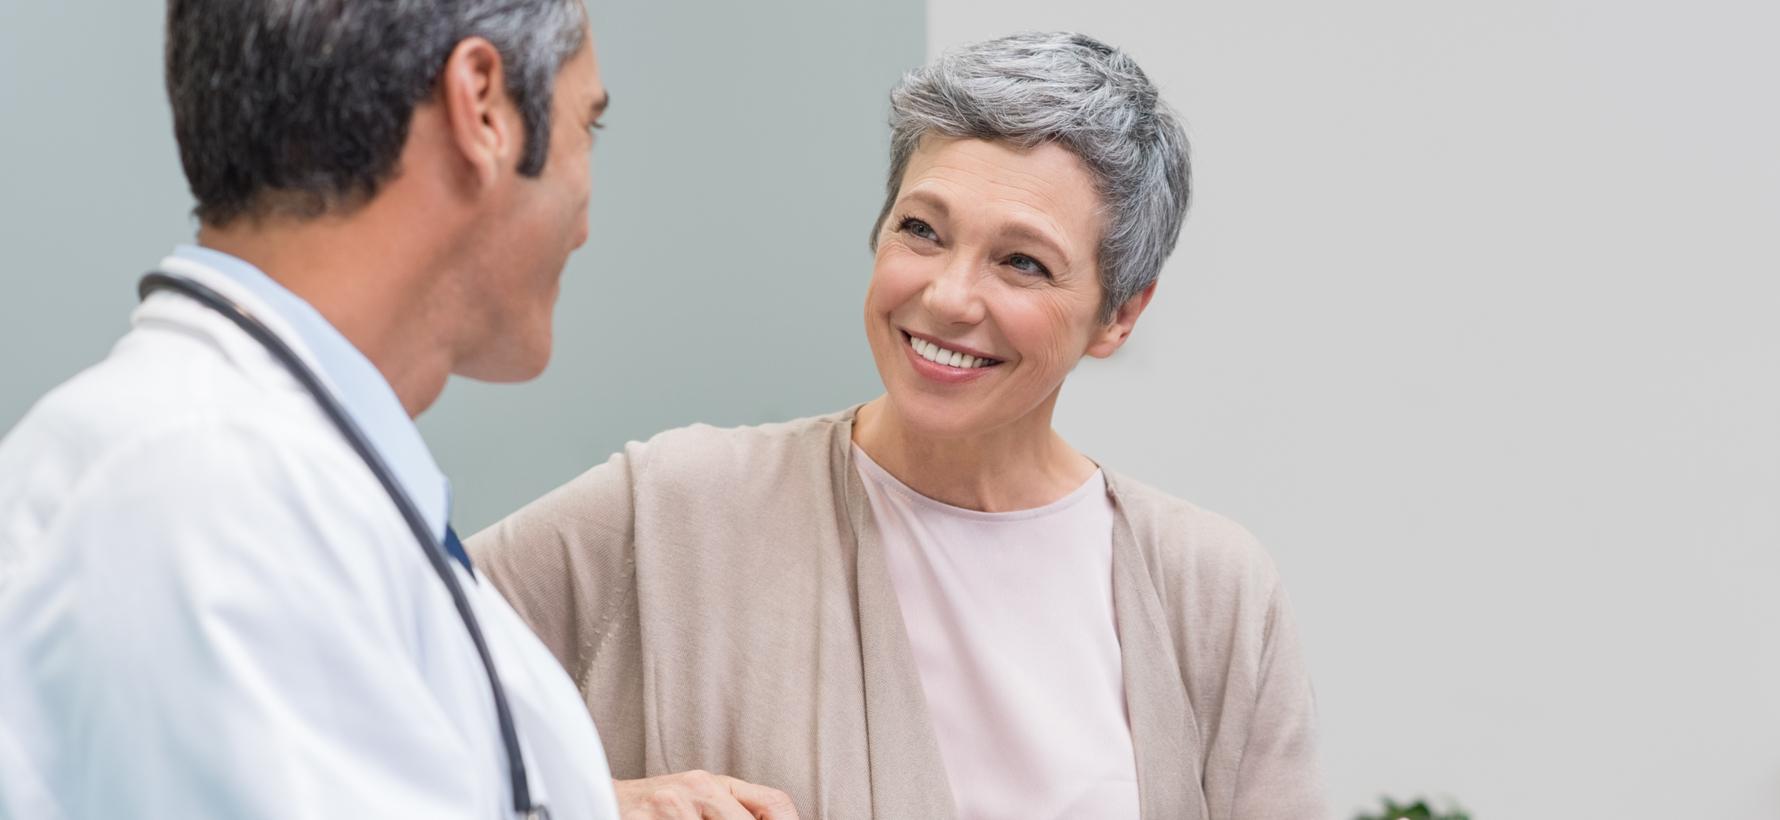 que-puede-detectar-un-examen-de-cavidad-oral